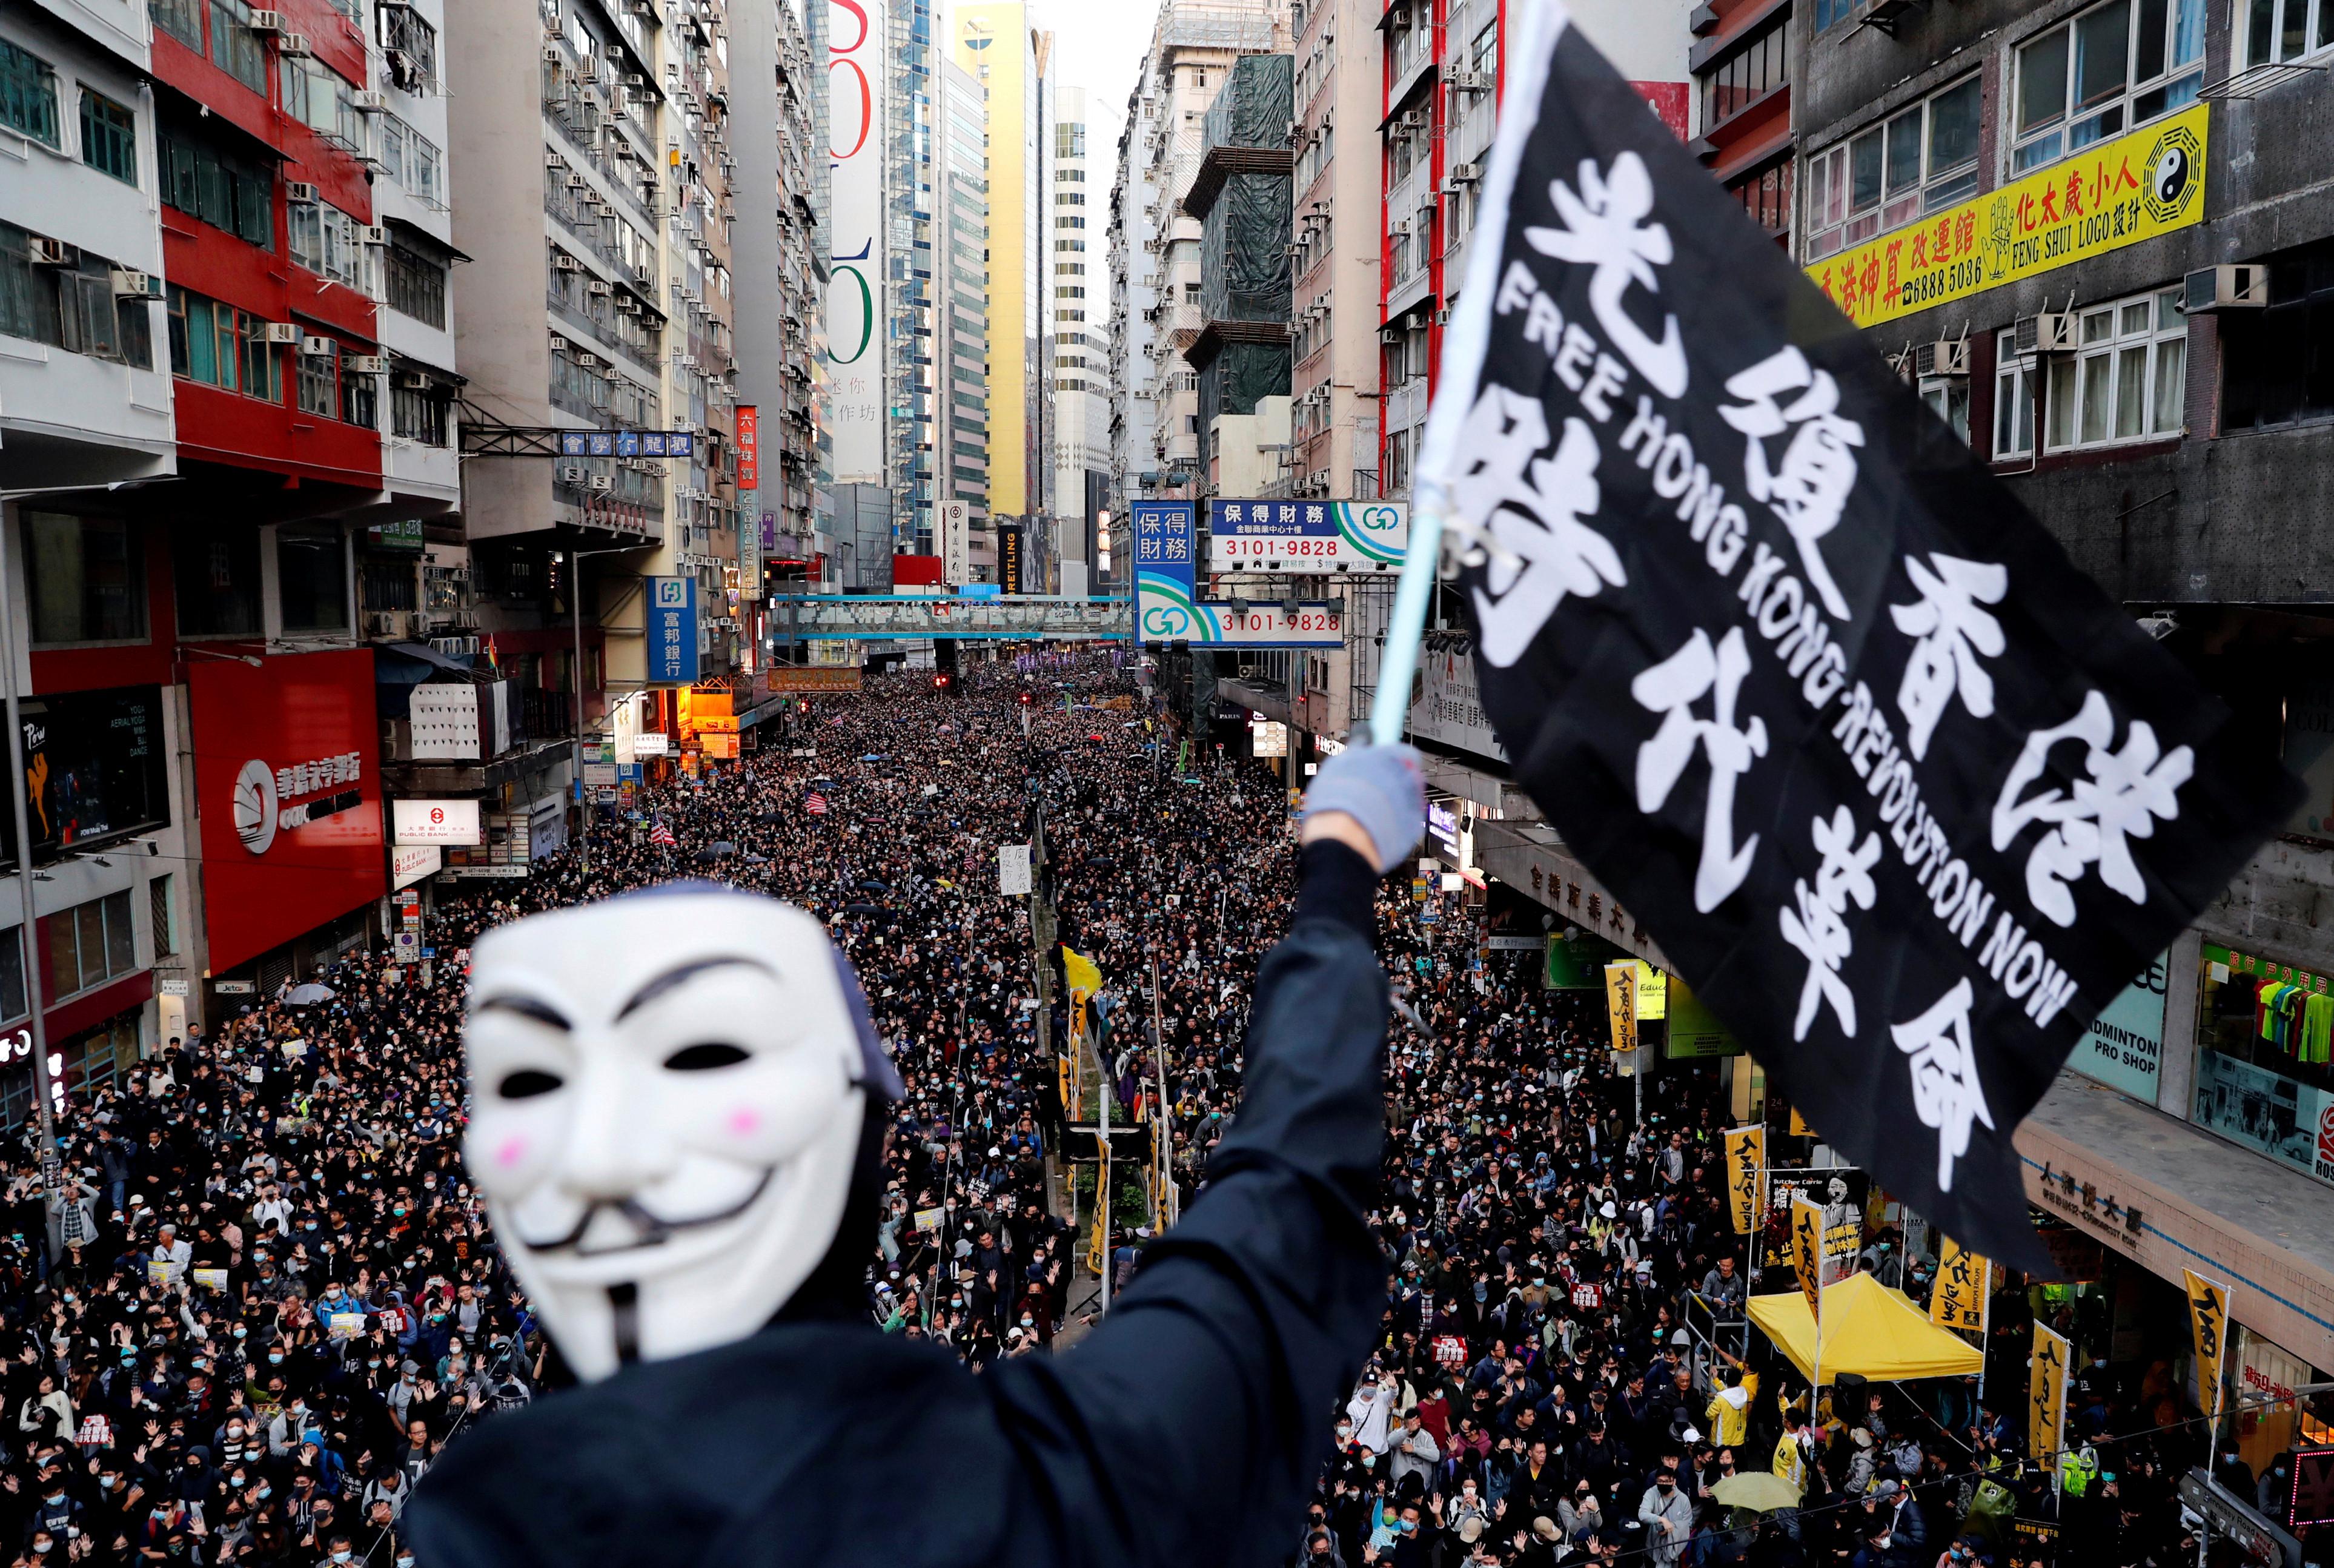 Image of Hong Kong protest